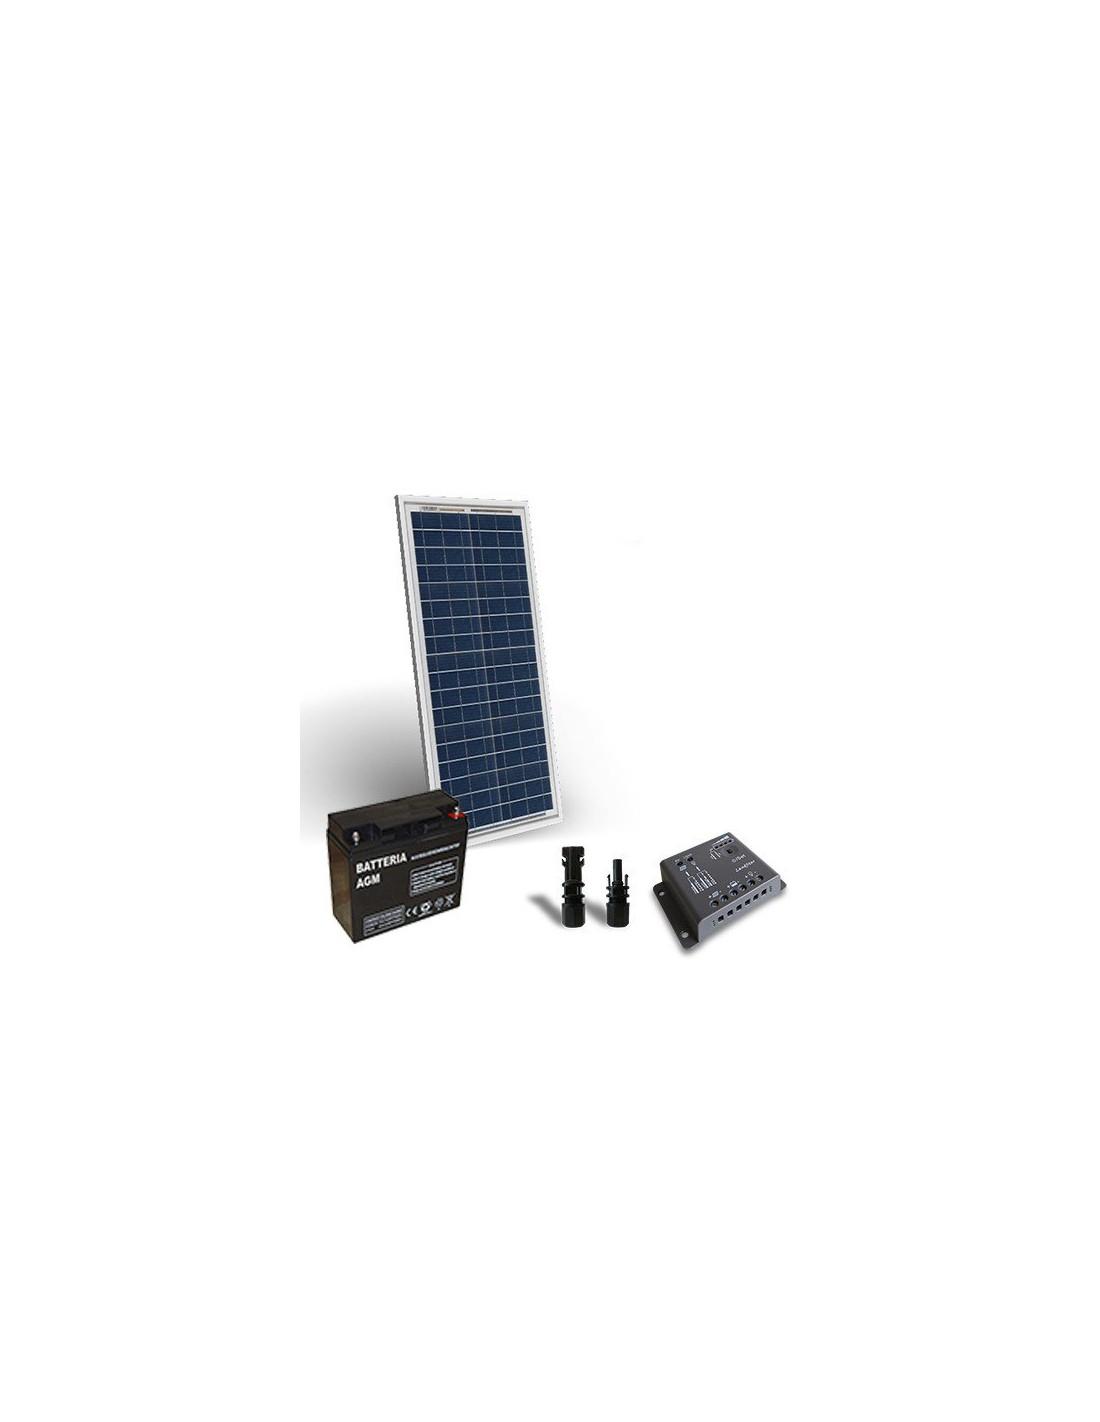 Kit Pannello Solare E Batteria : Kit solare pro w v pannello regolatore a pwm batteria